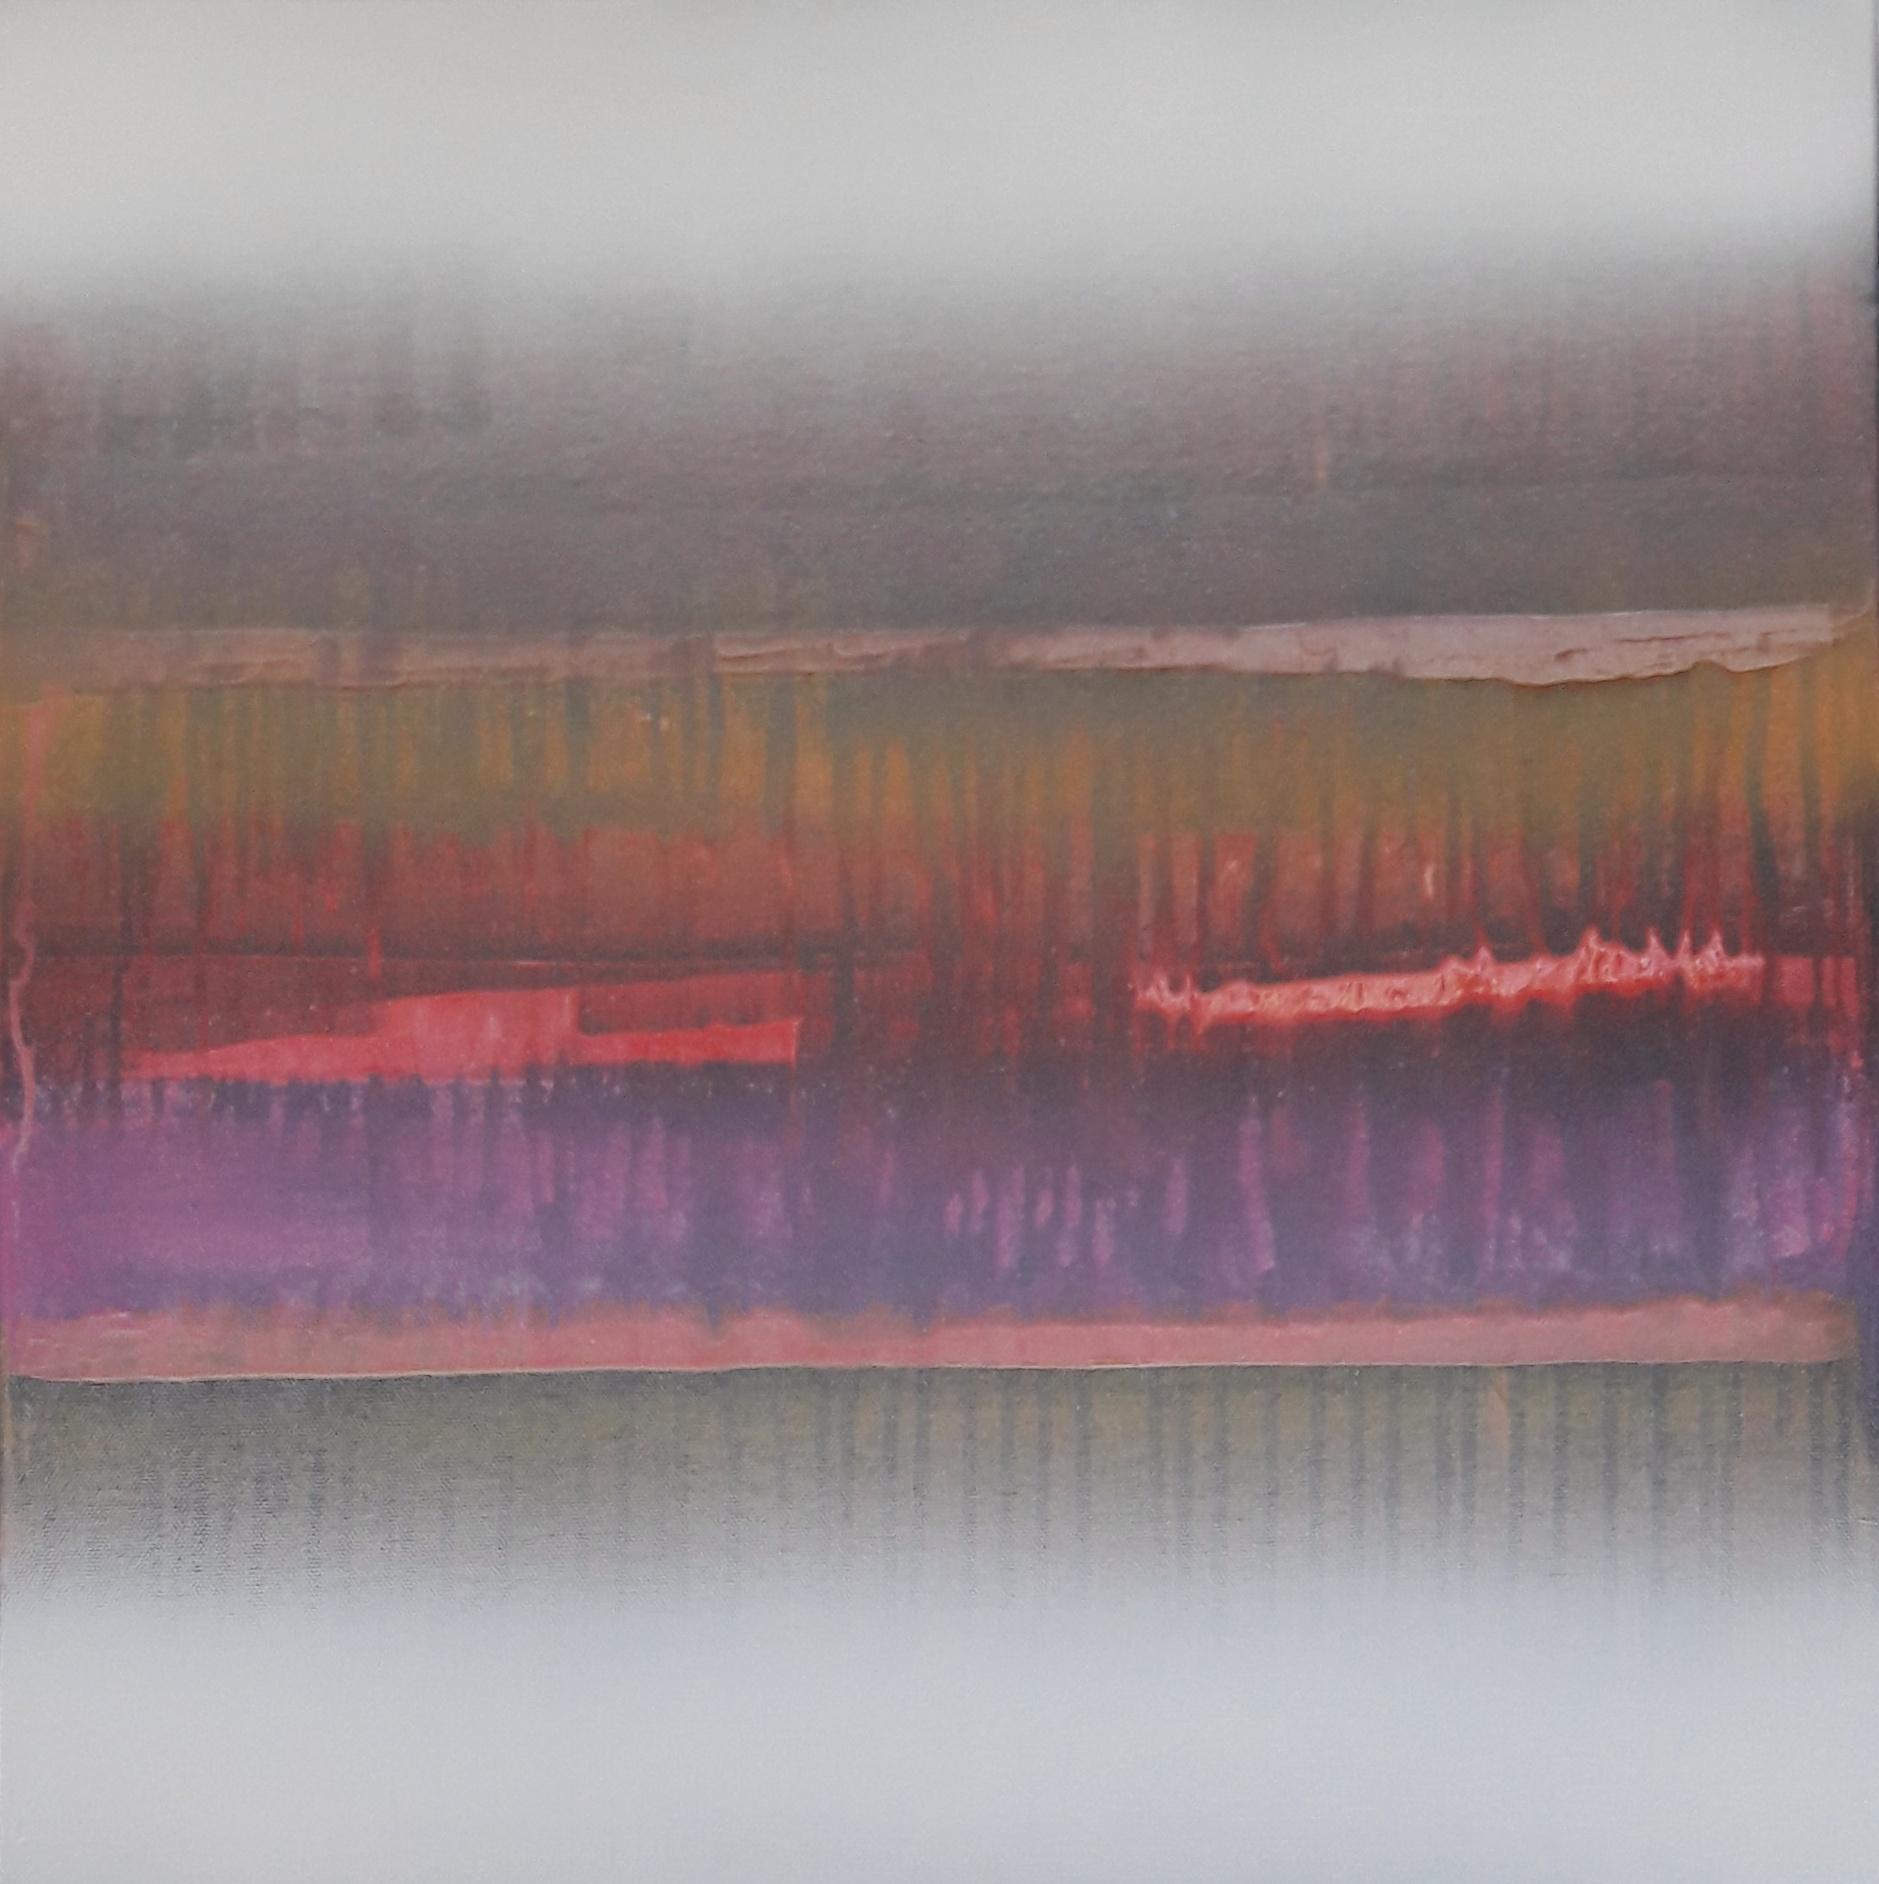 No. 128 Mischtechnik Acryl auf Leinwand 50x50 cm (2018)